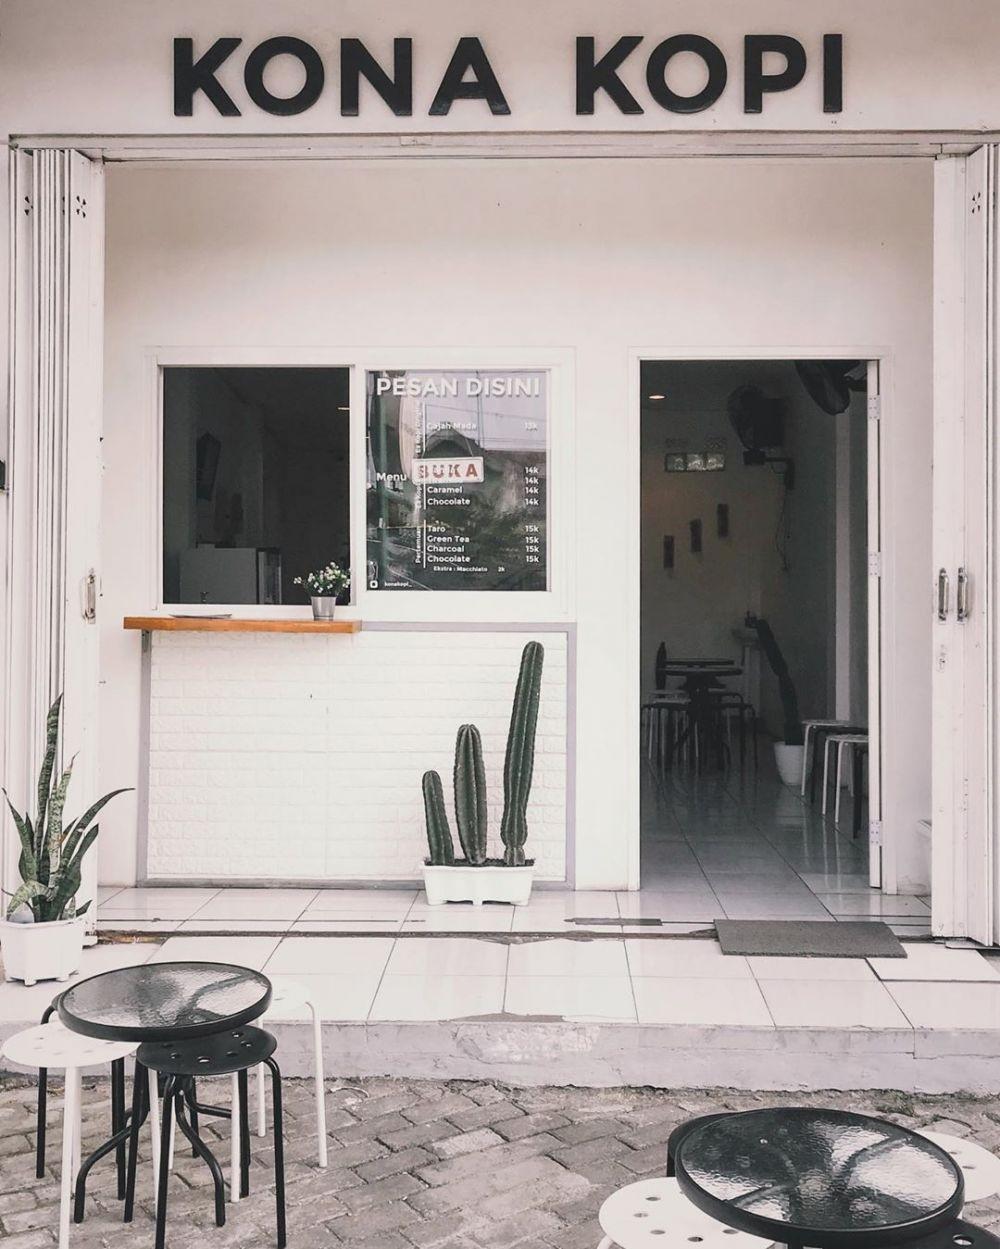 Seru Buat Kumpul Bareng, 9 Rekomendasi Tempat Nongkrong di Pasuruan